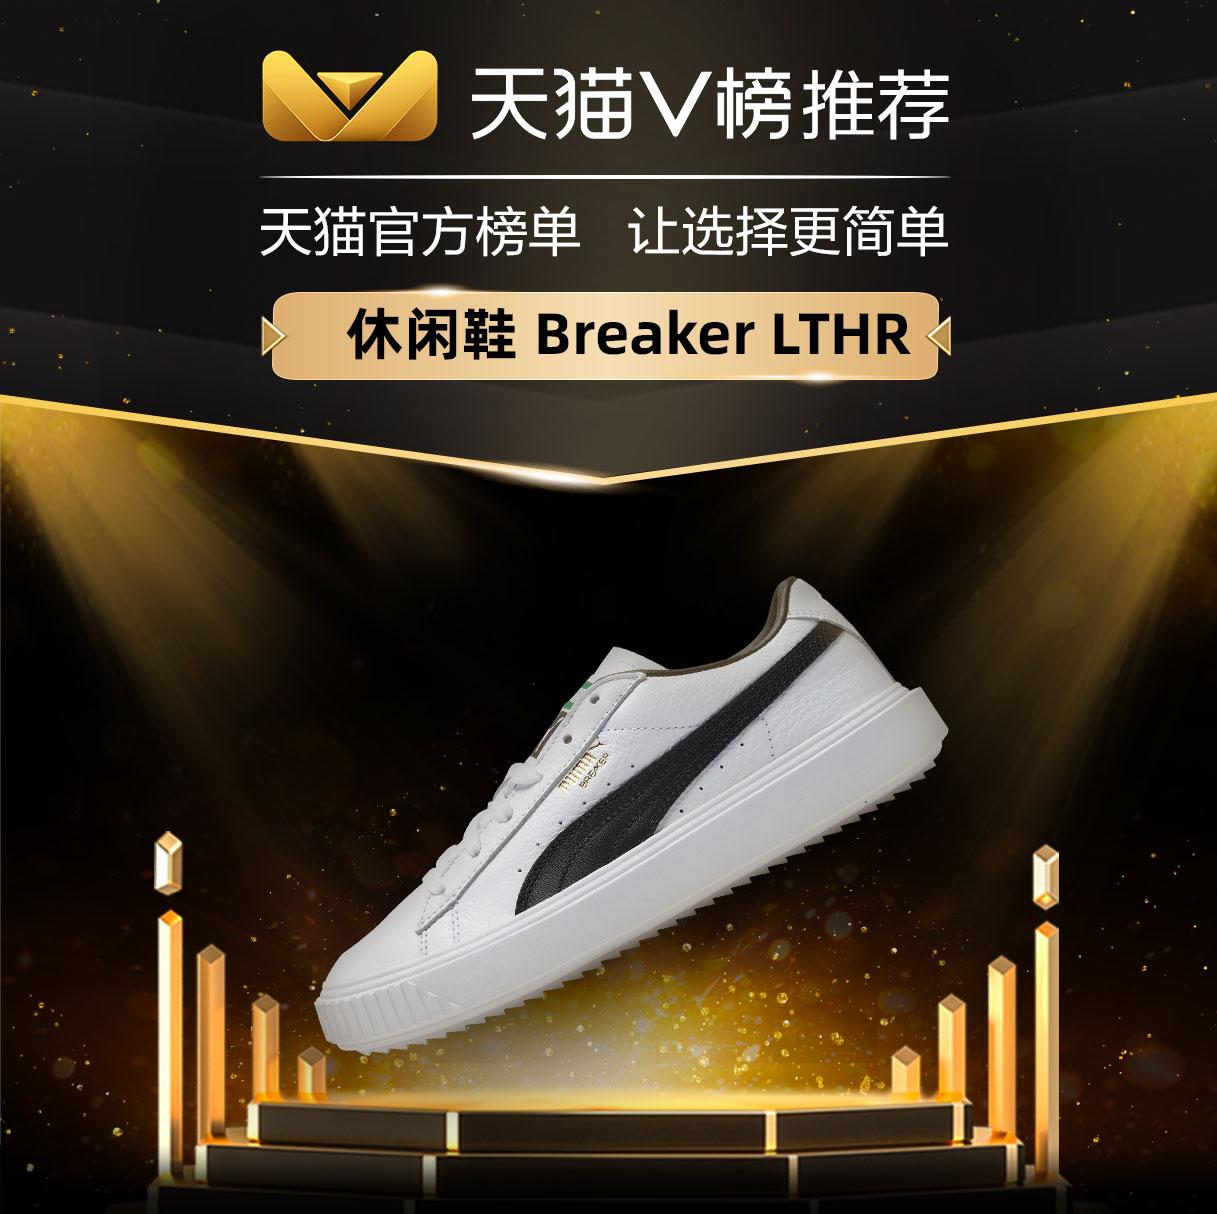 PUMA彪马官方李现同款男女同款拼色休闲鞋 Breaker LTHR 3660712月10日最新优惠